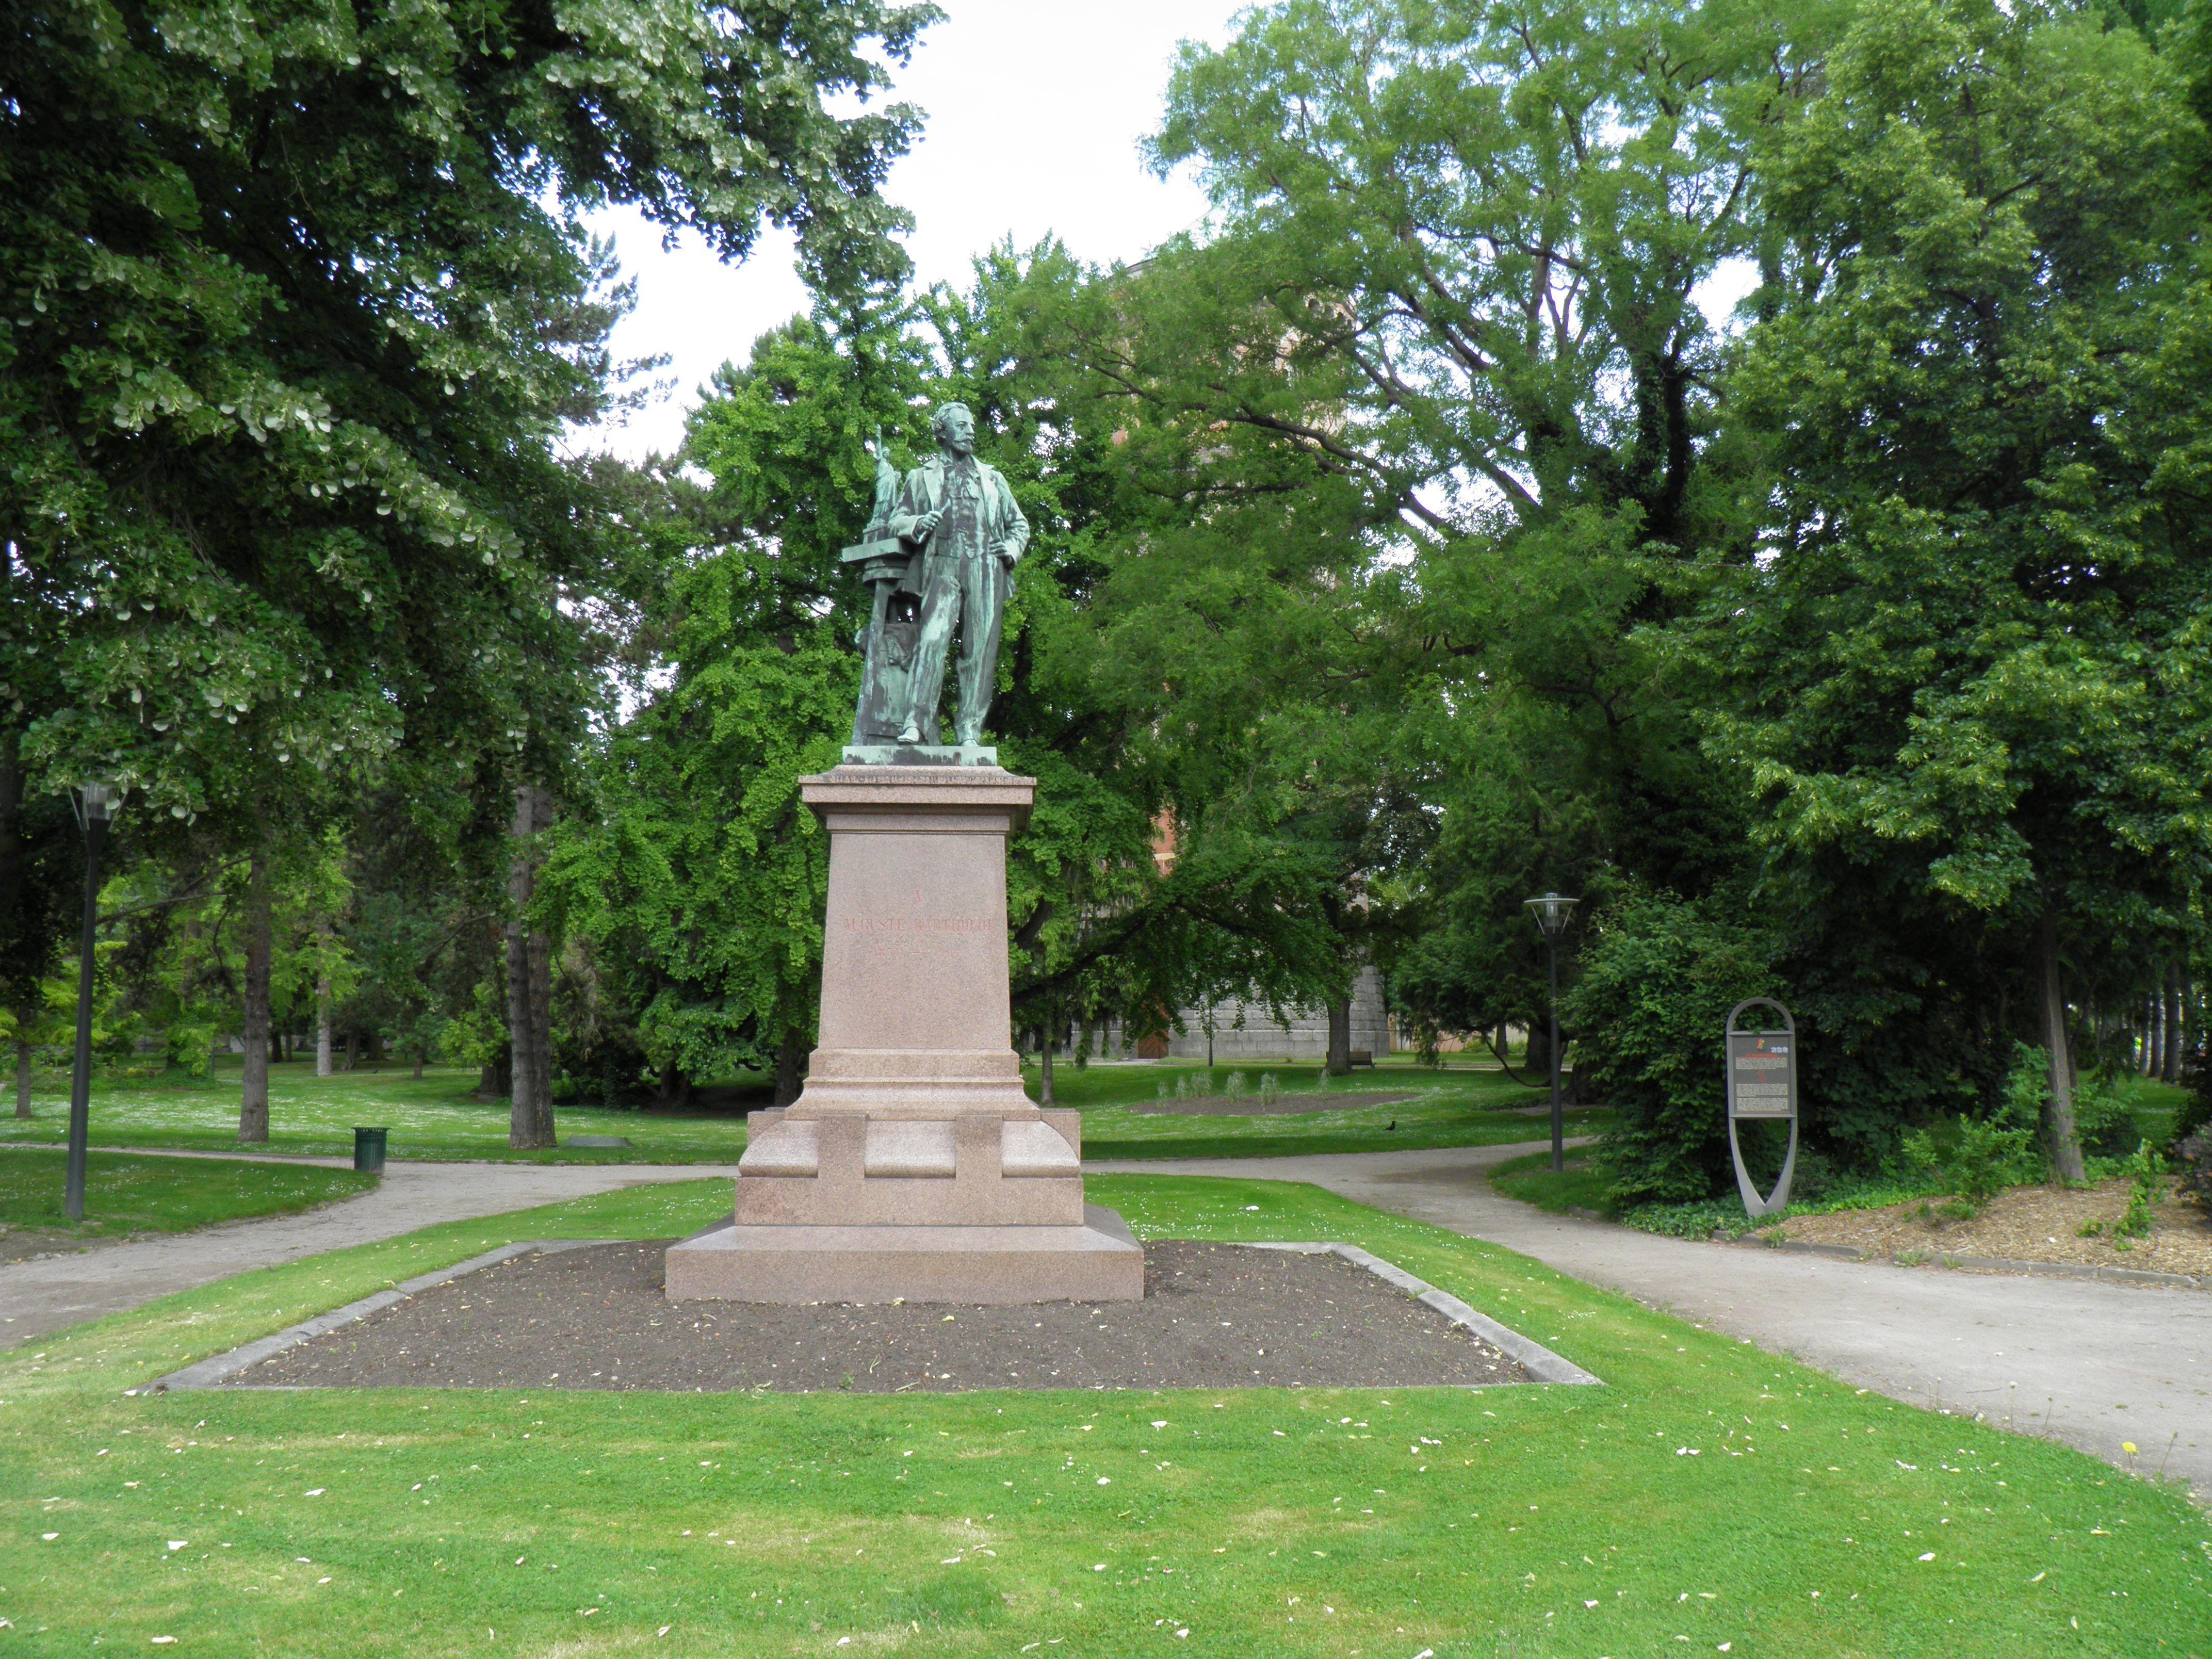 File:Parc du château d\'eau (Colmar) (1).JPG - Wikimedia Commons